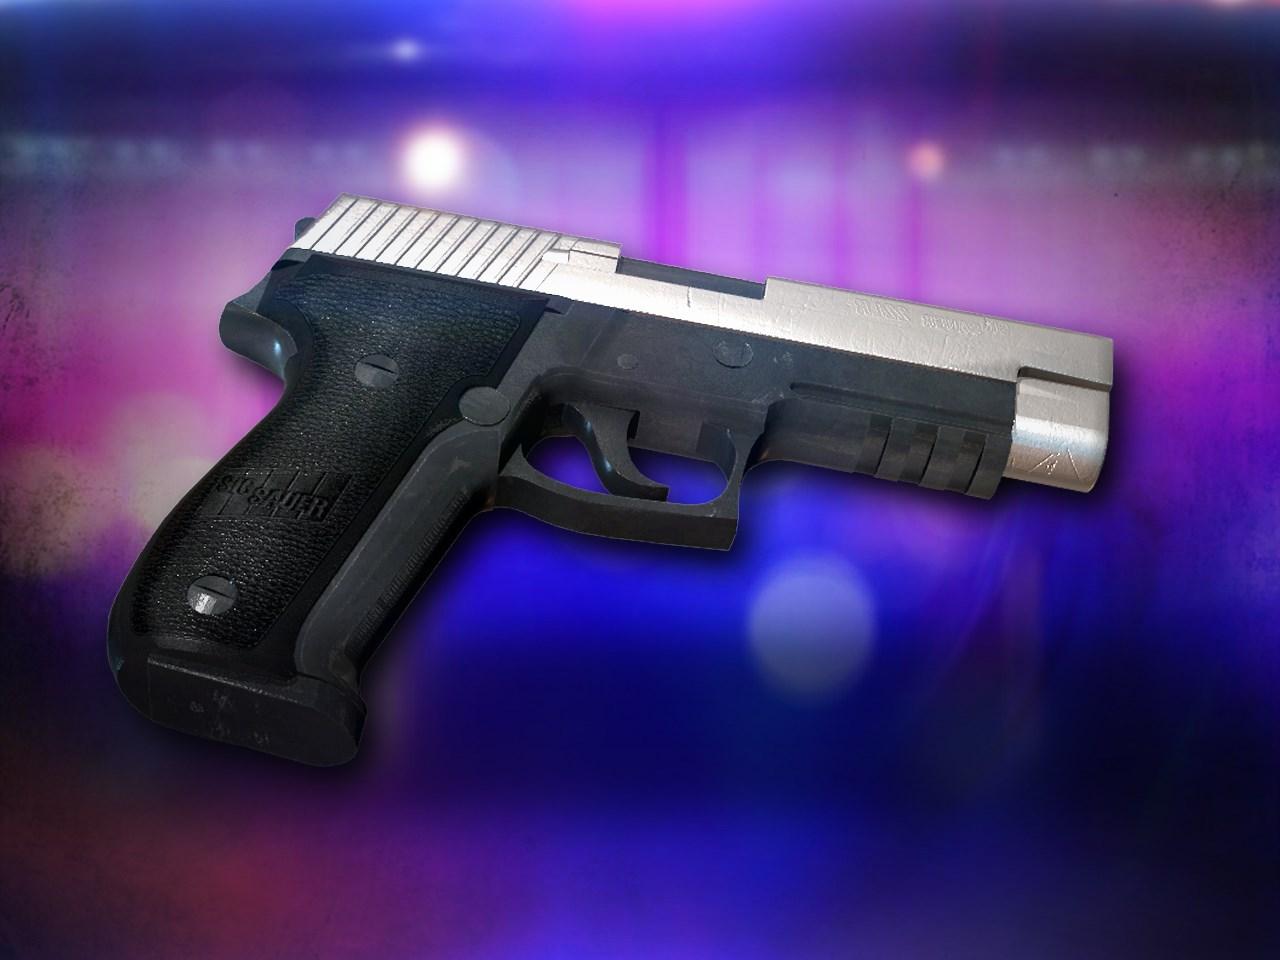 police gun_1479908738584.jpg